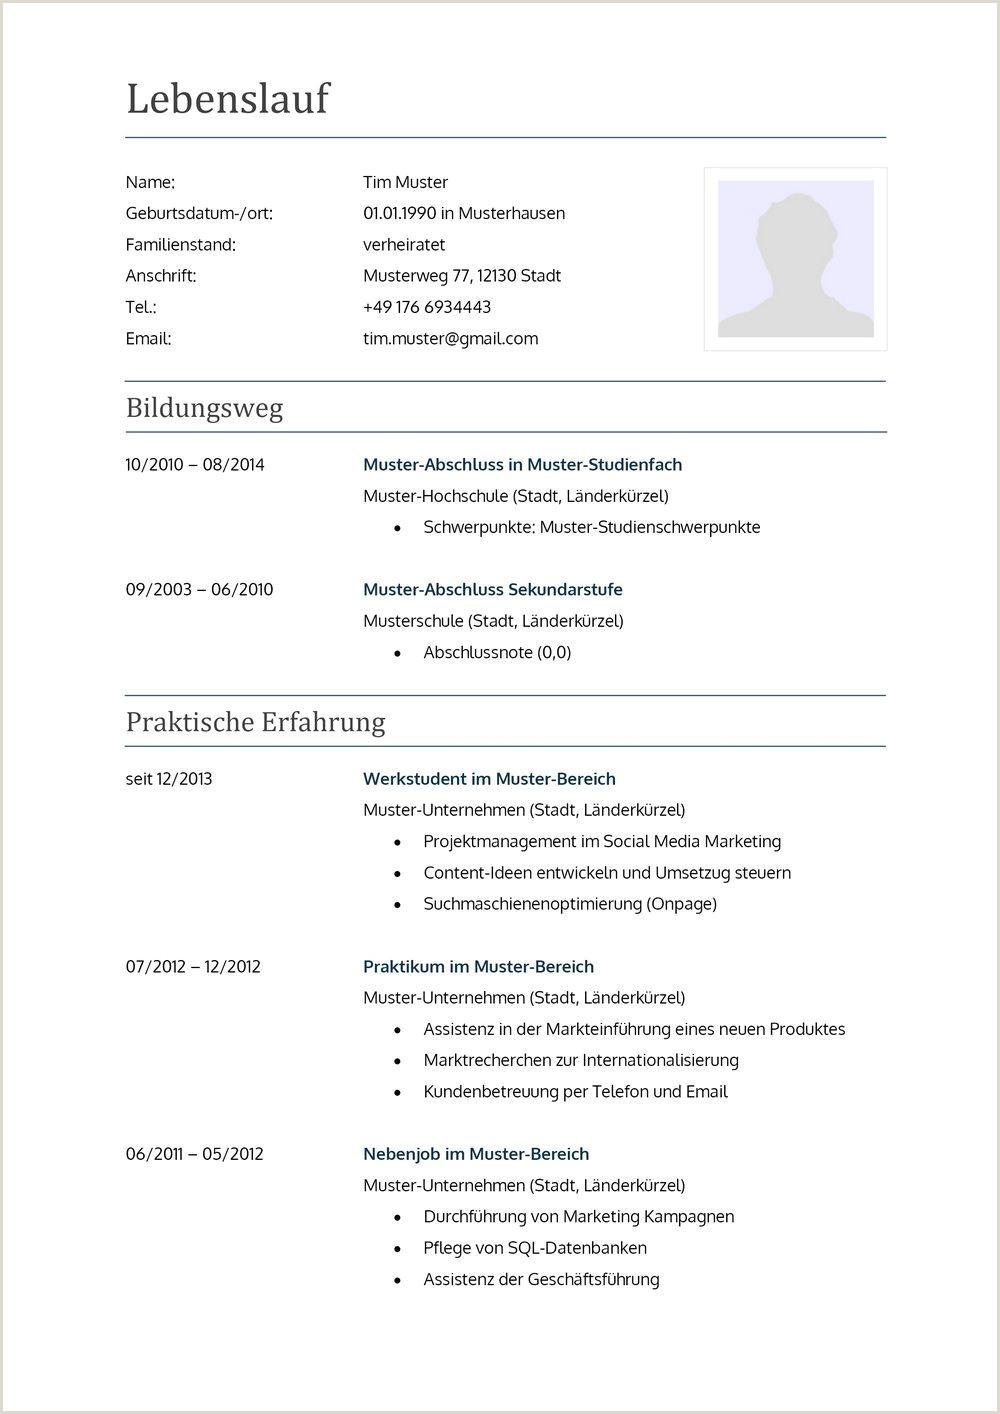 Lebenslauf Muster Free Download 30 Undergraduate Lebenslauf Muster Ausbildung Word Interview